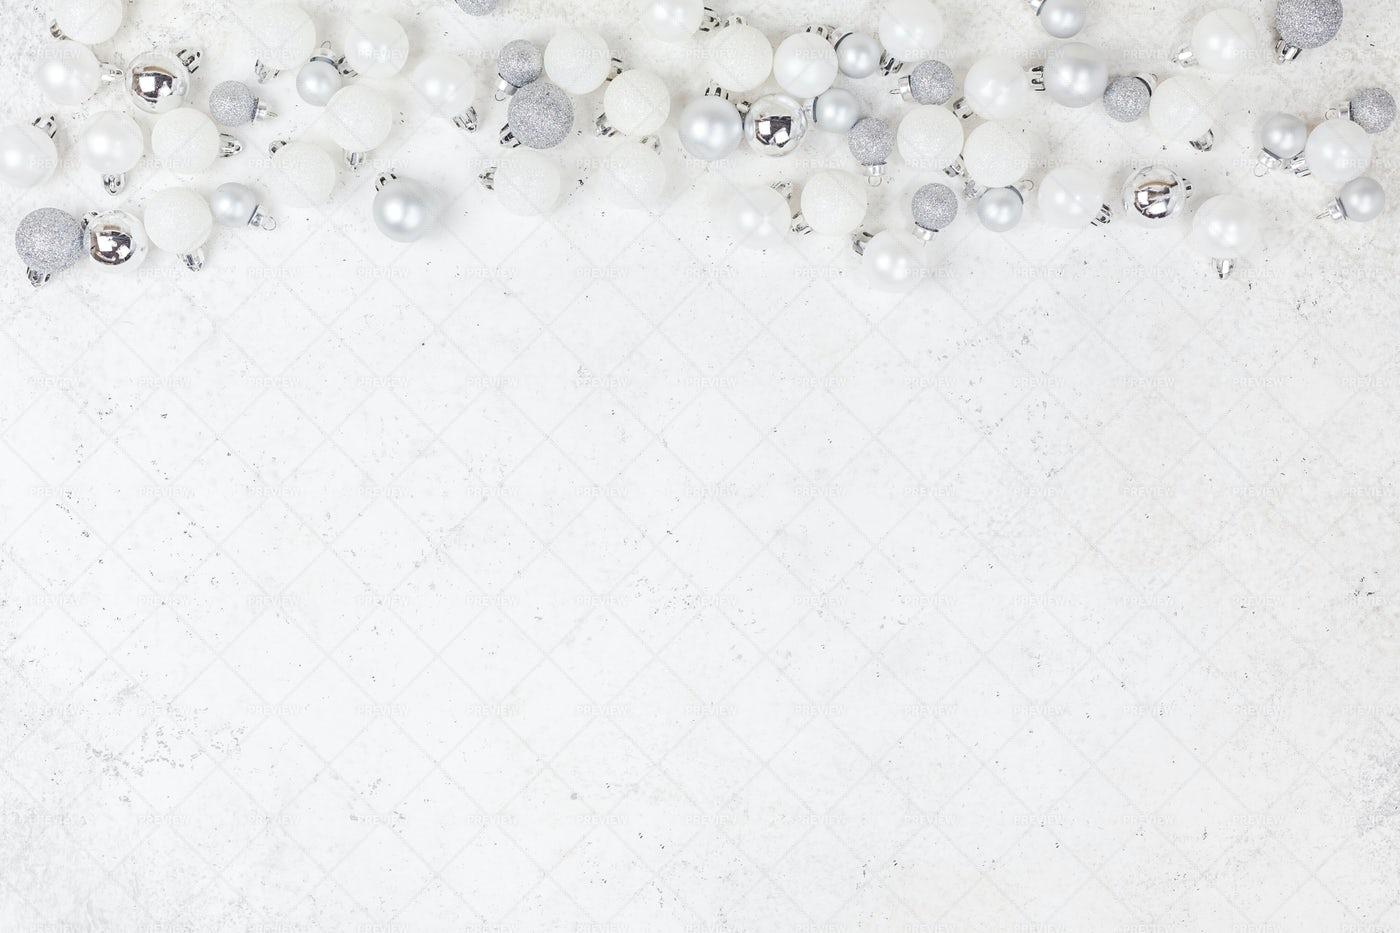 White Christmas Background: Stock Photos